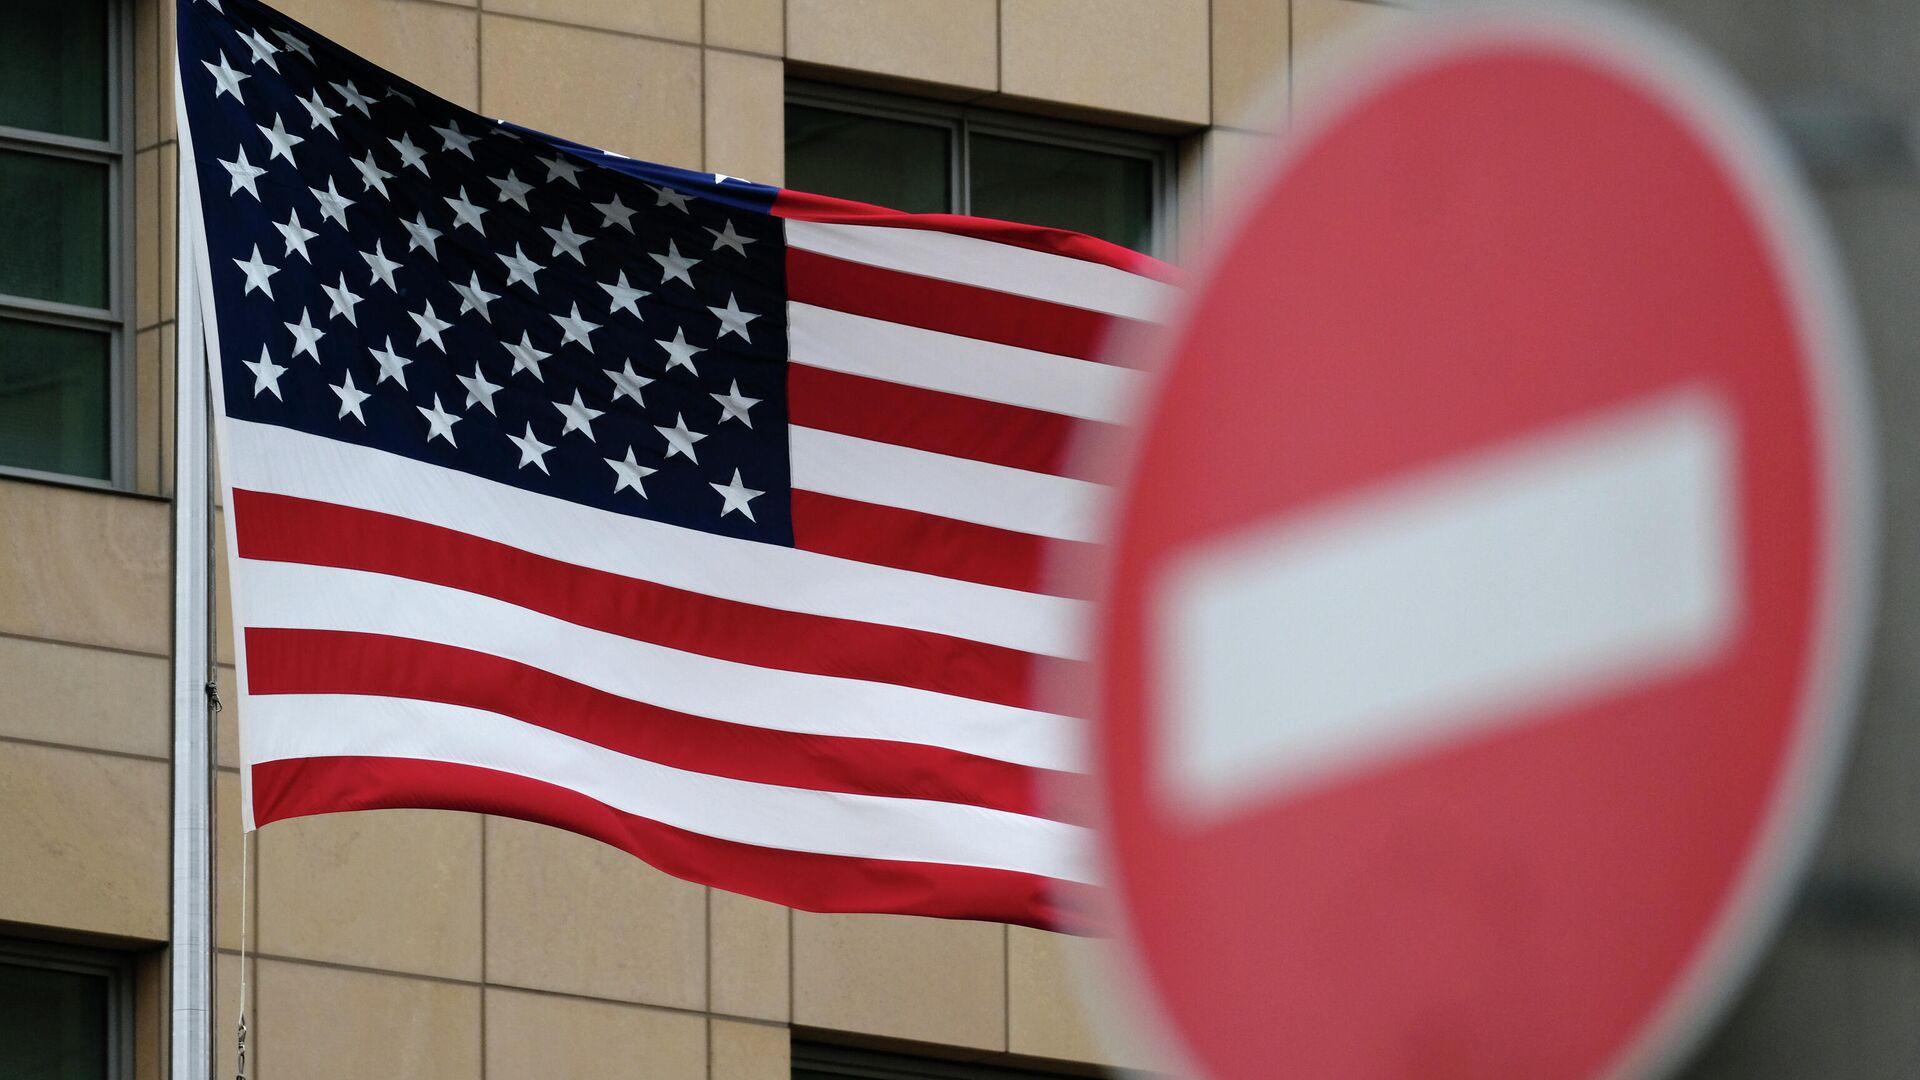 Флаг Соединенных Штатов Америки - РИА Новости, 1920, 24.08.2020